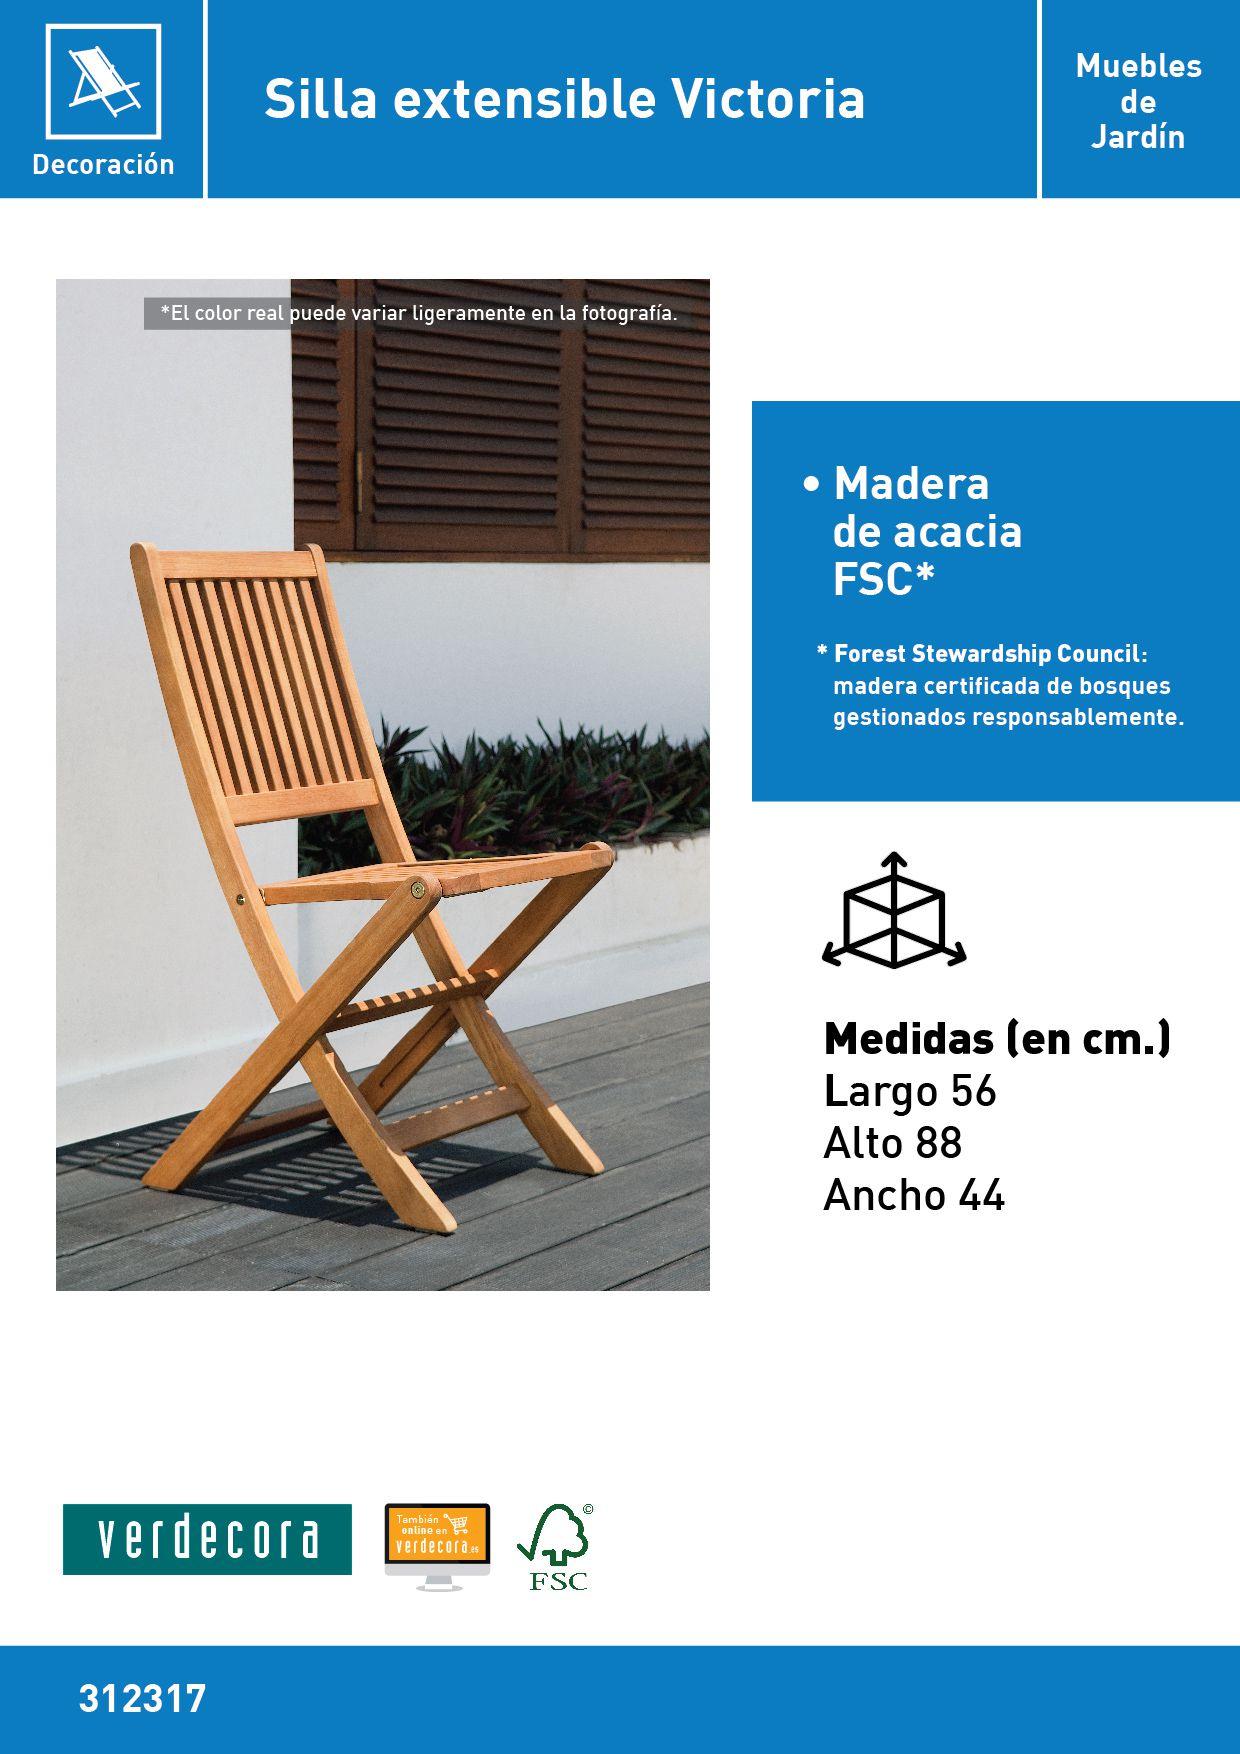 Silla De Jard N Victoria Verdecora # Muebles Riego De La Vega